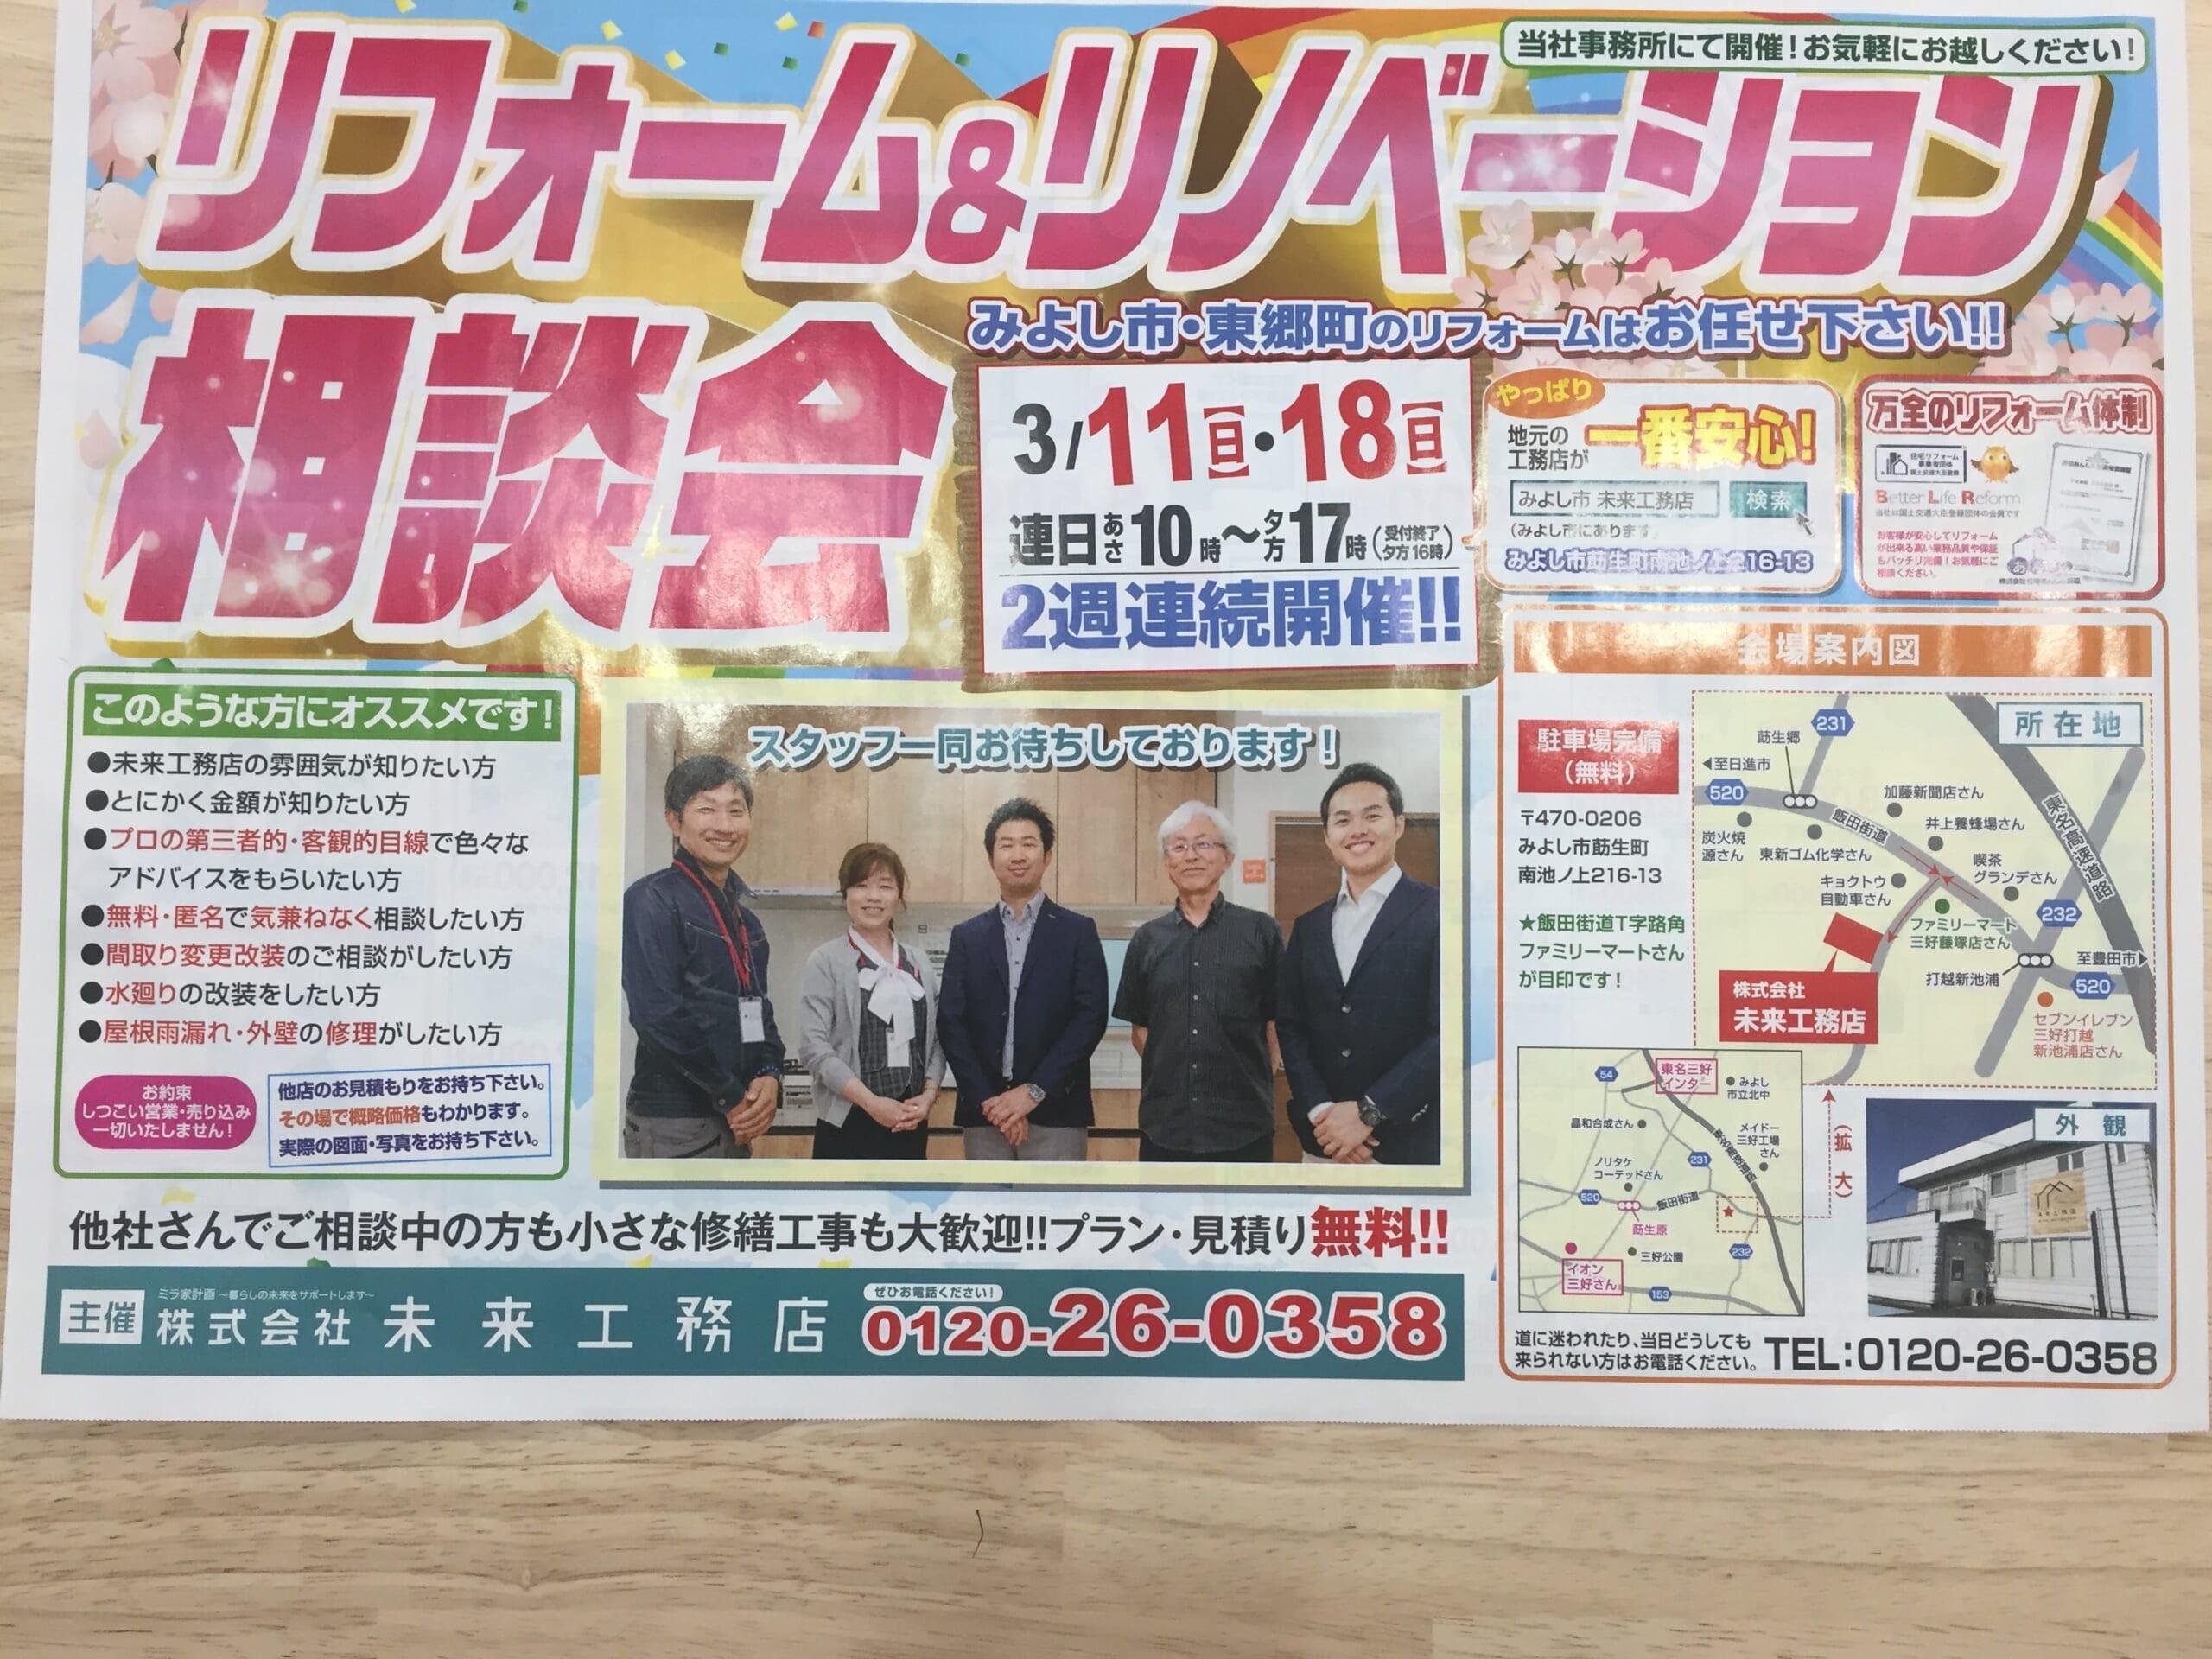 新春 未来工務店 店イベントを開催します。